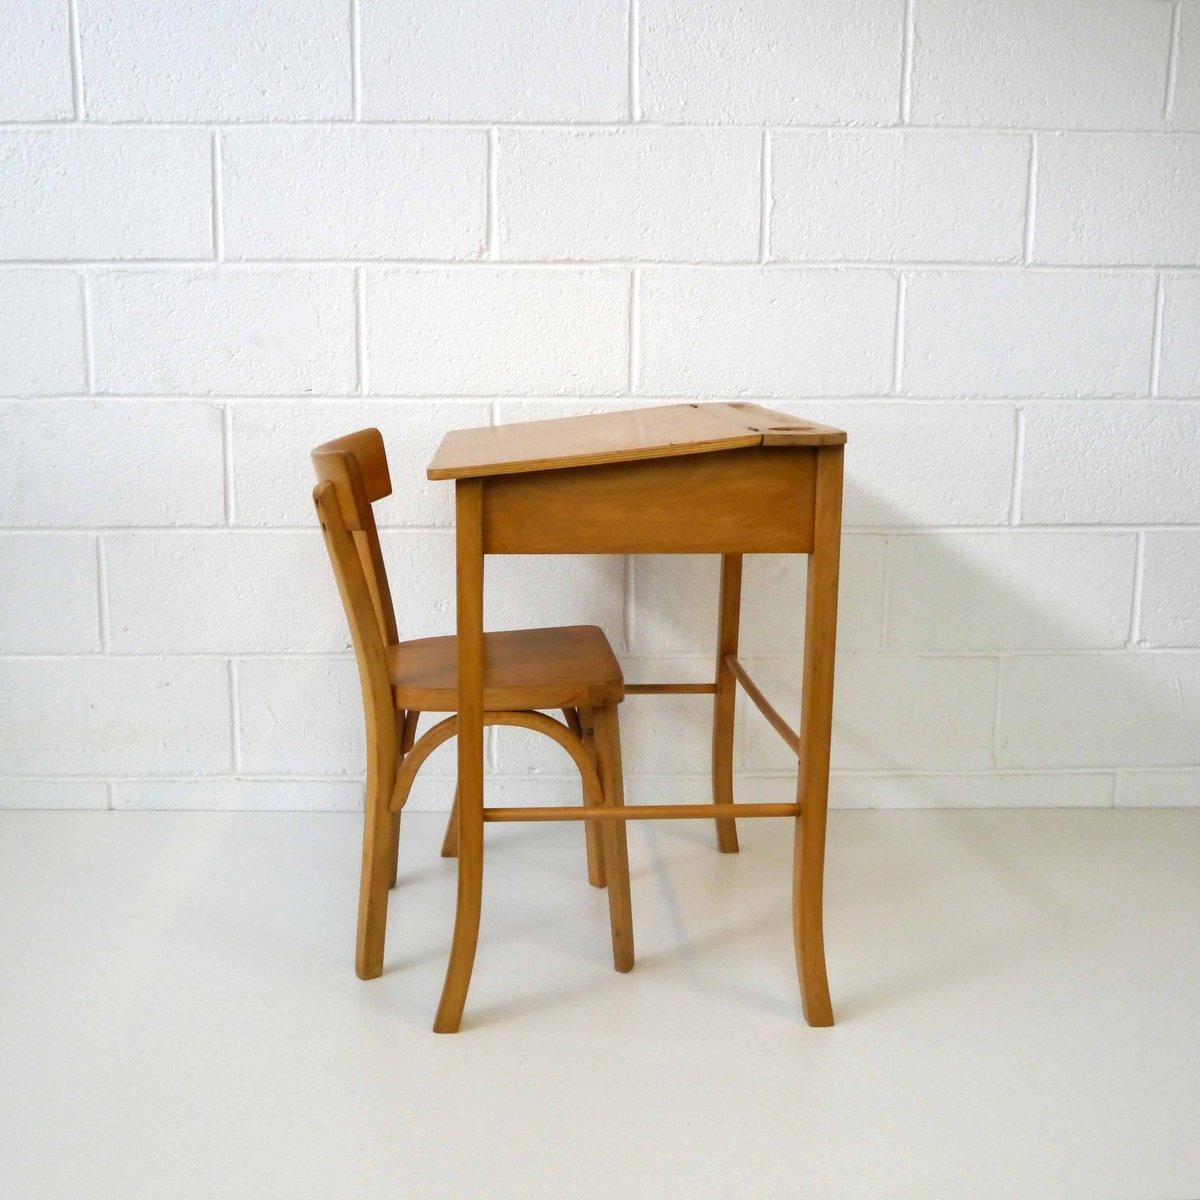 vintage kinder schreibtisch mit stuhl aus holz bei pamono kaufen. Black Bedroom Furniture Sets. Home Design Ideas